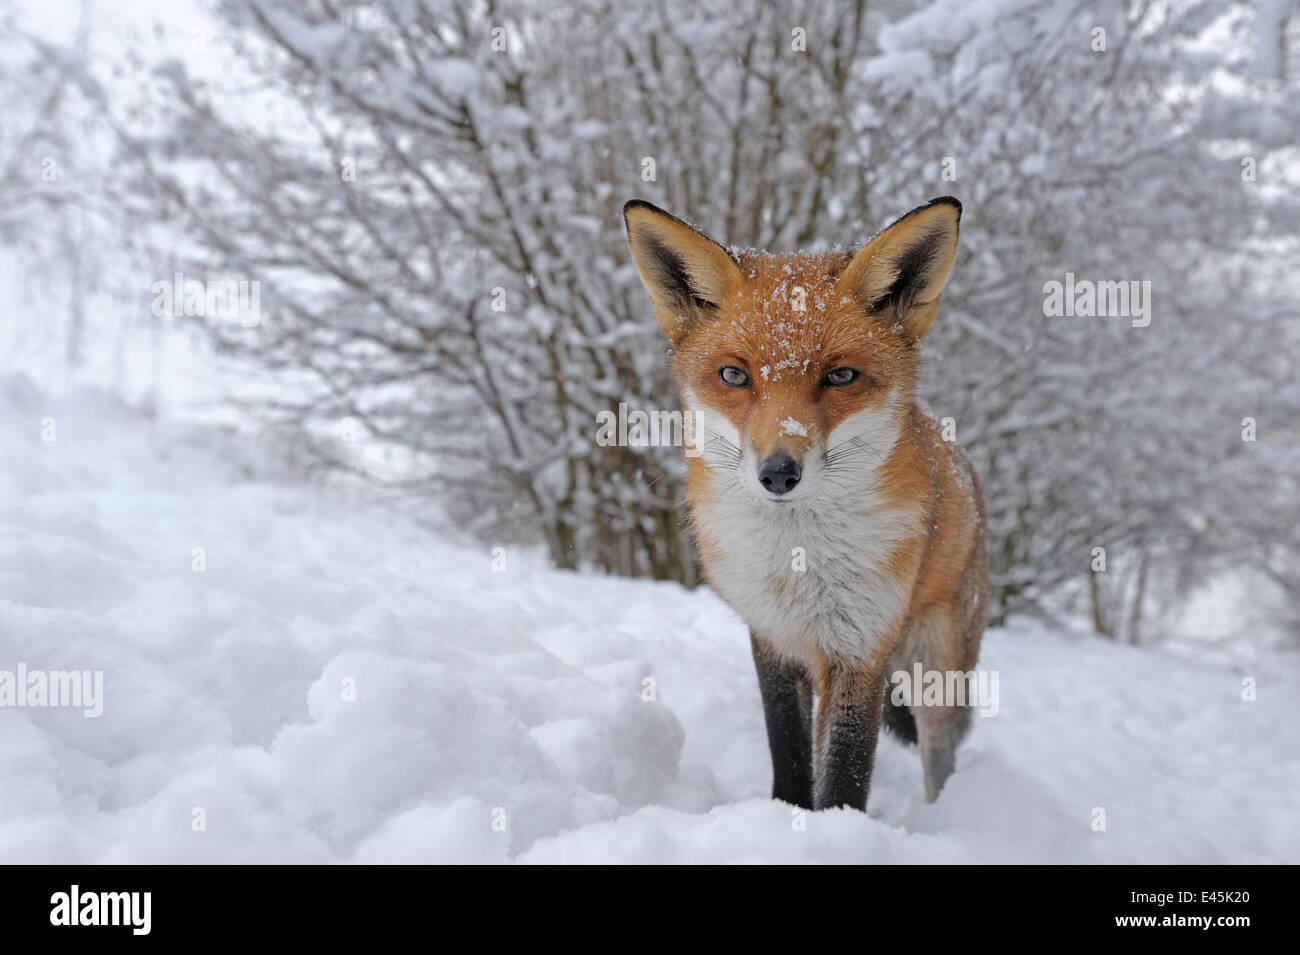 Unión Zorro Rojo (Vulpes vulpes) en la nieve, UK, cautiva Imagen De Stock